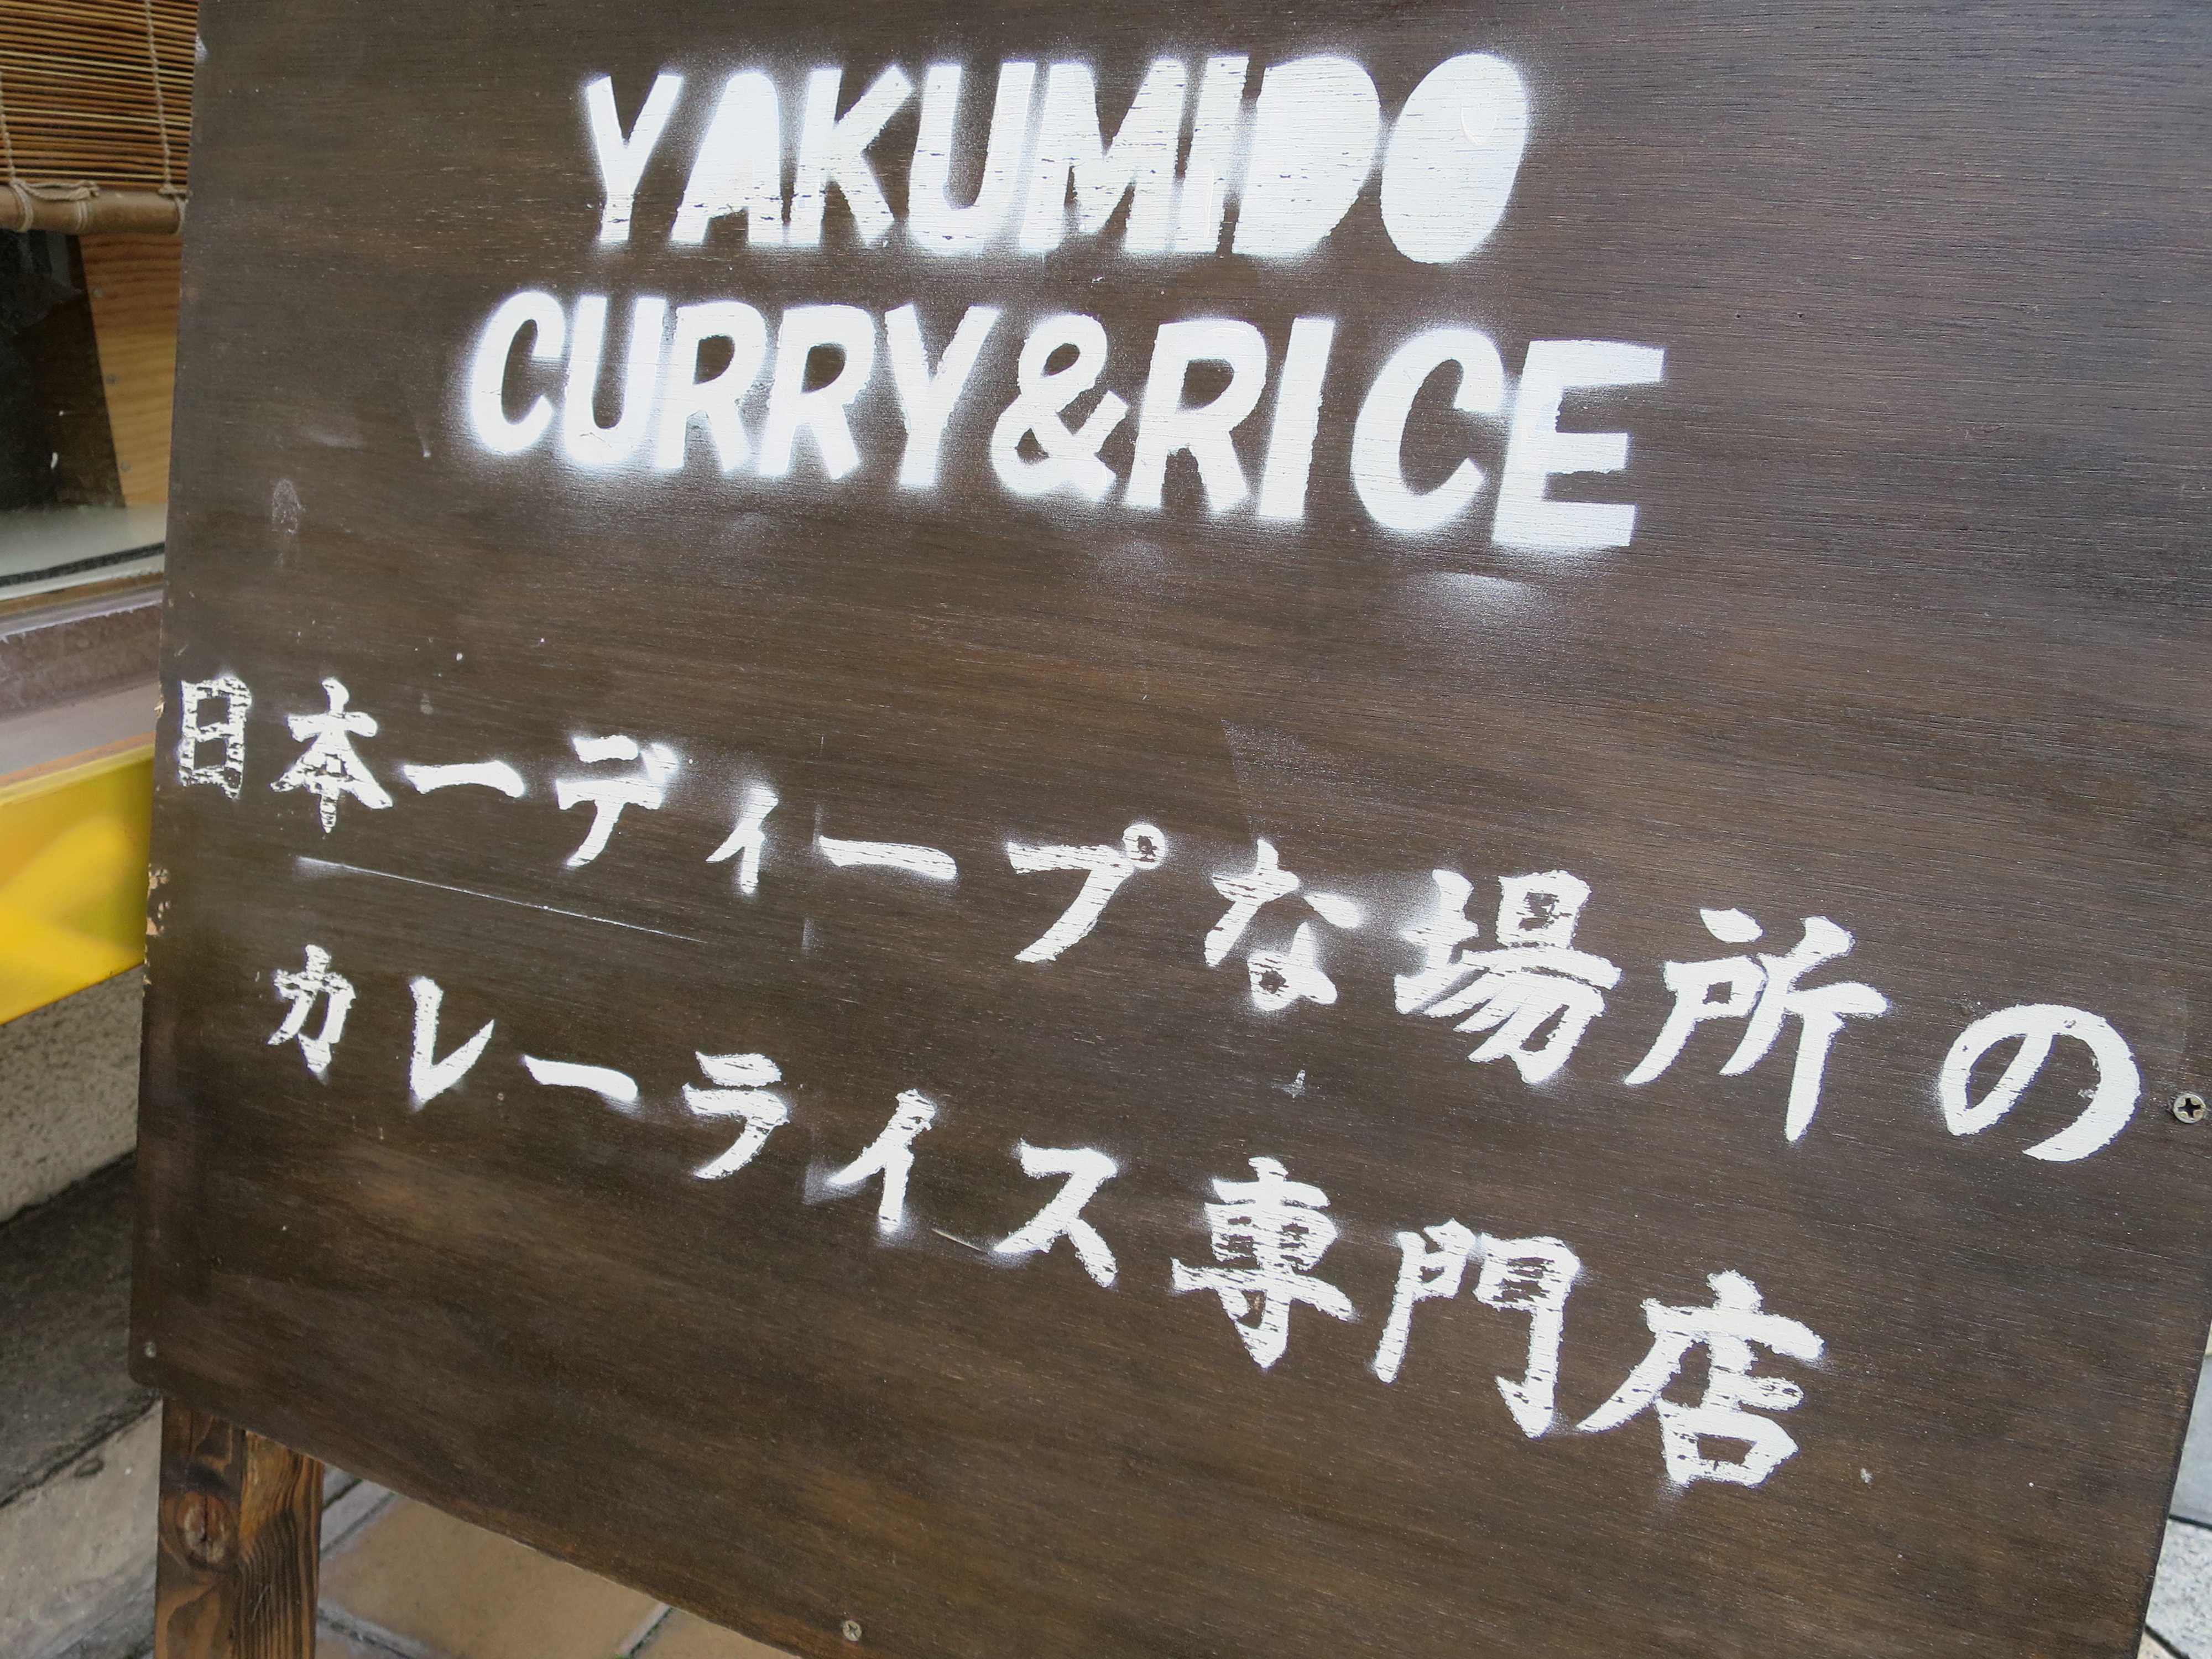 日本一ディープな場所のカレーライス専門店